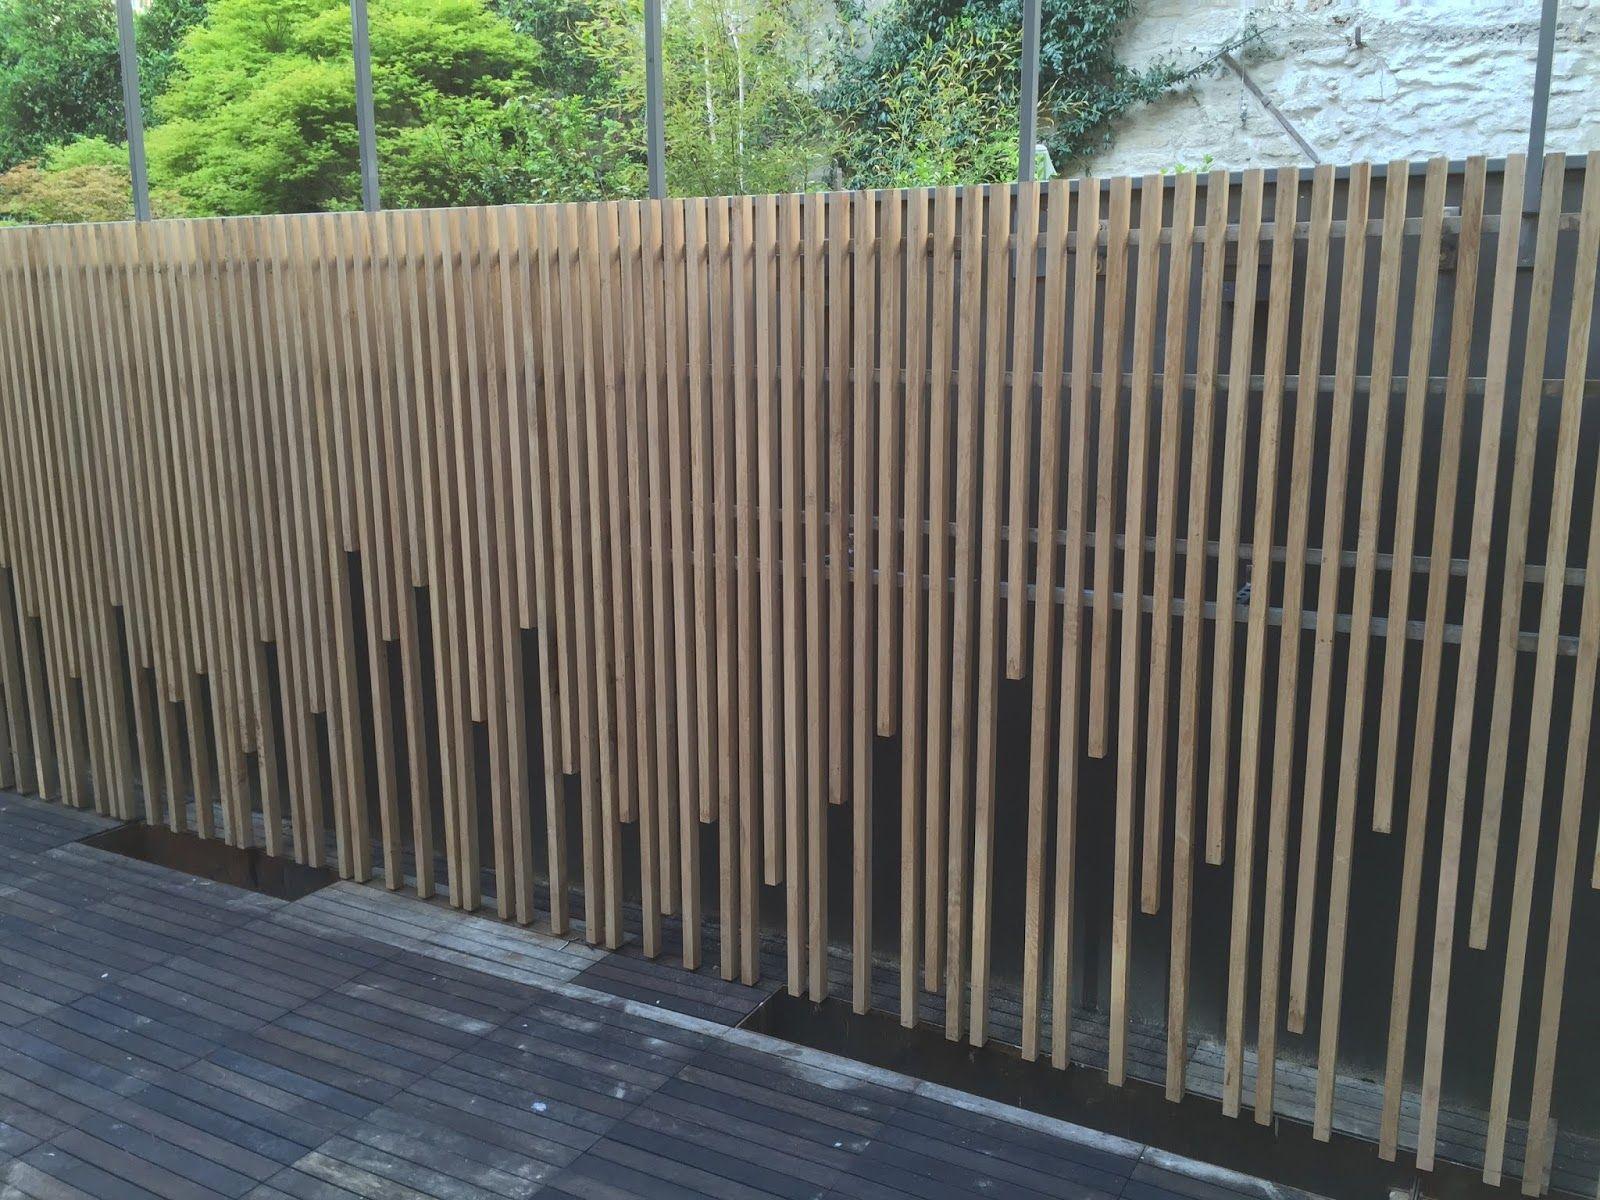 70 Modele Comment Habiller Un Mur Exterieur 2019 Habillage Mur Exterieur Mur Exterieur Decoration Mur Exterieur